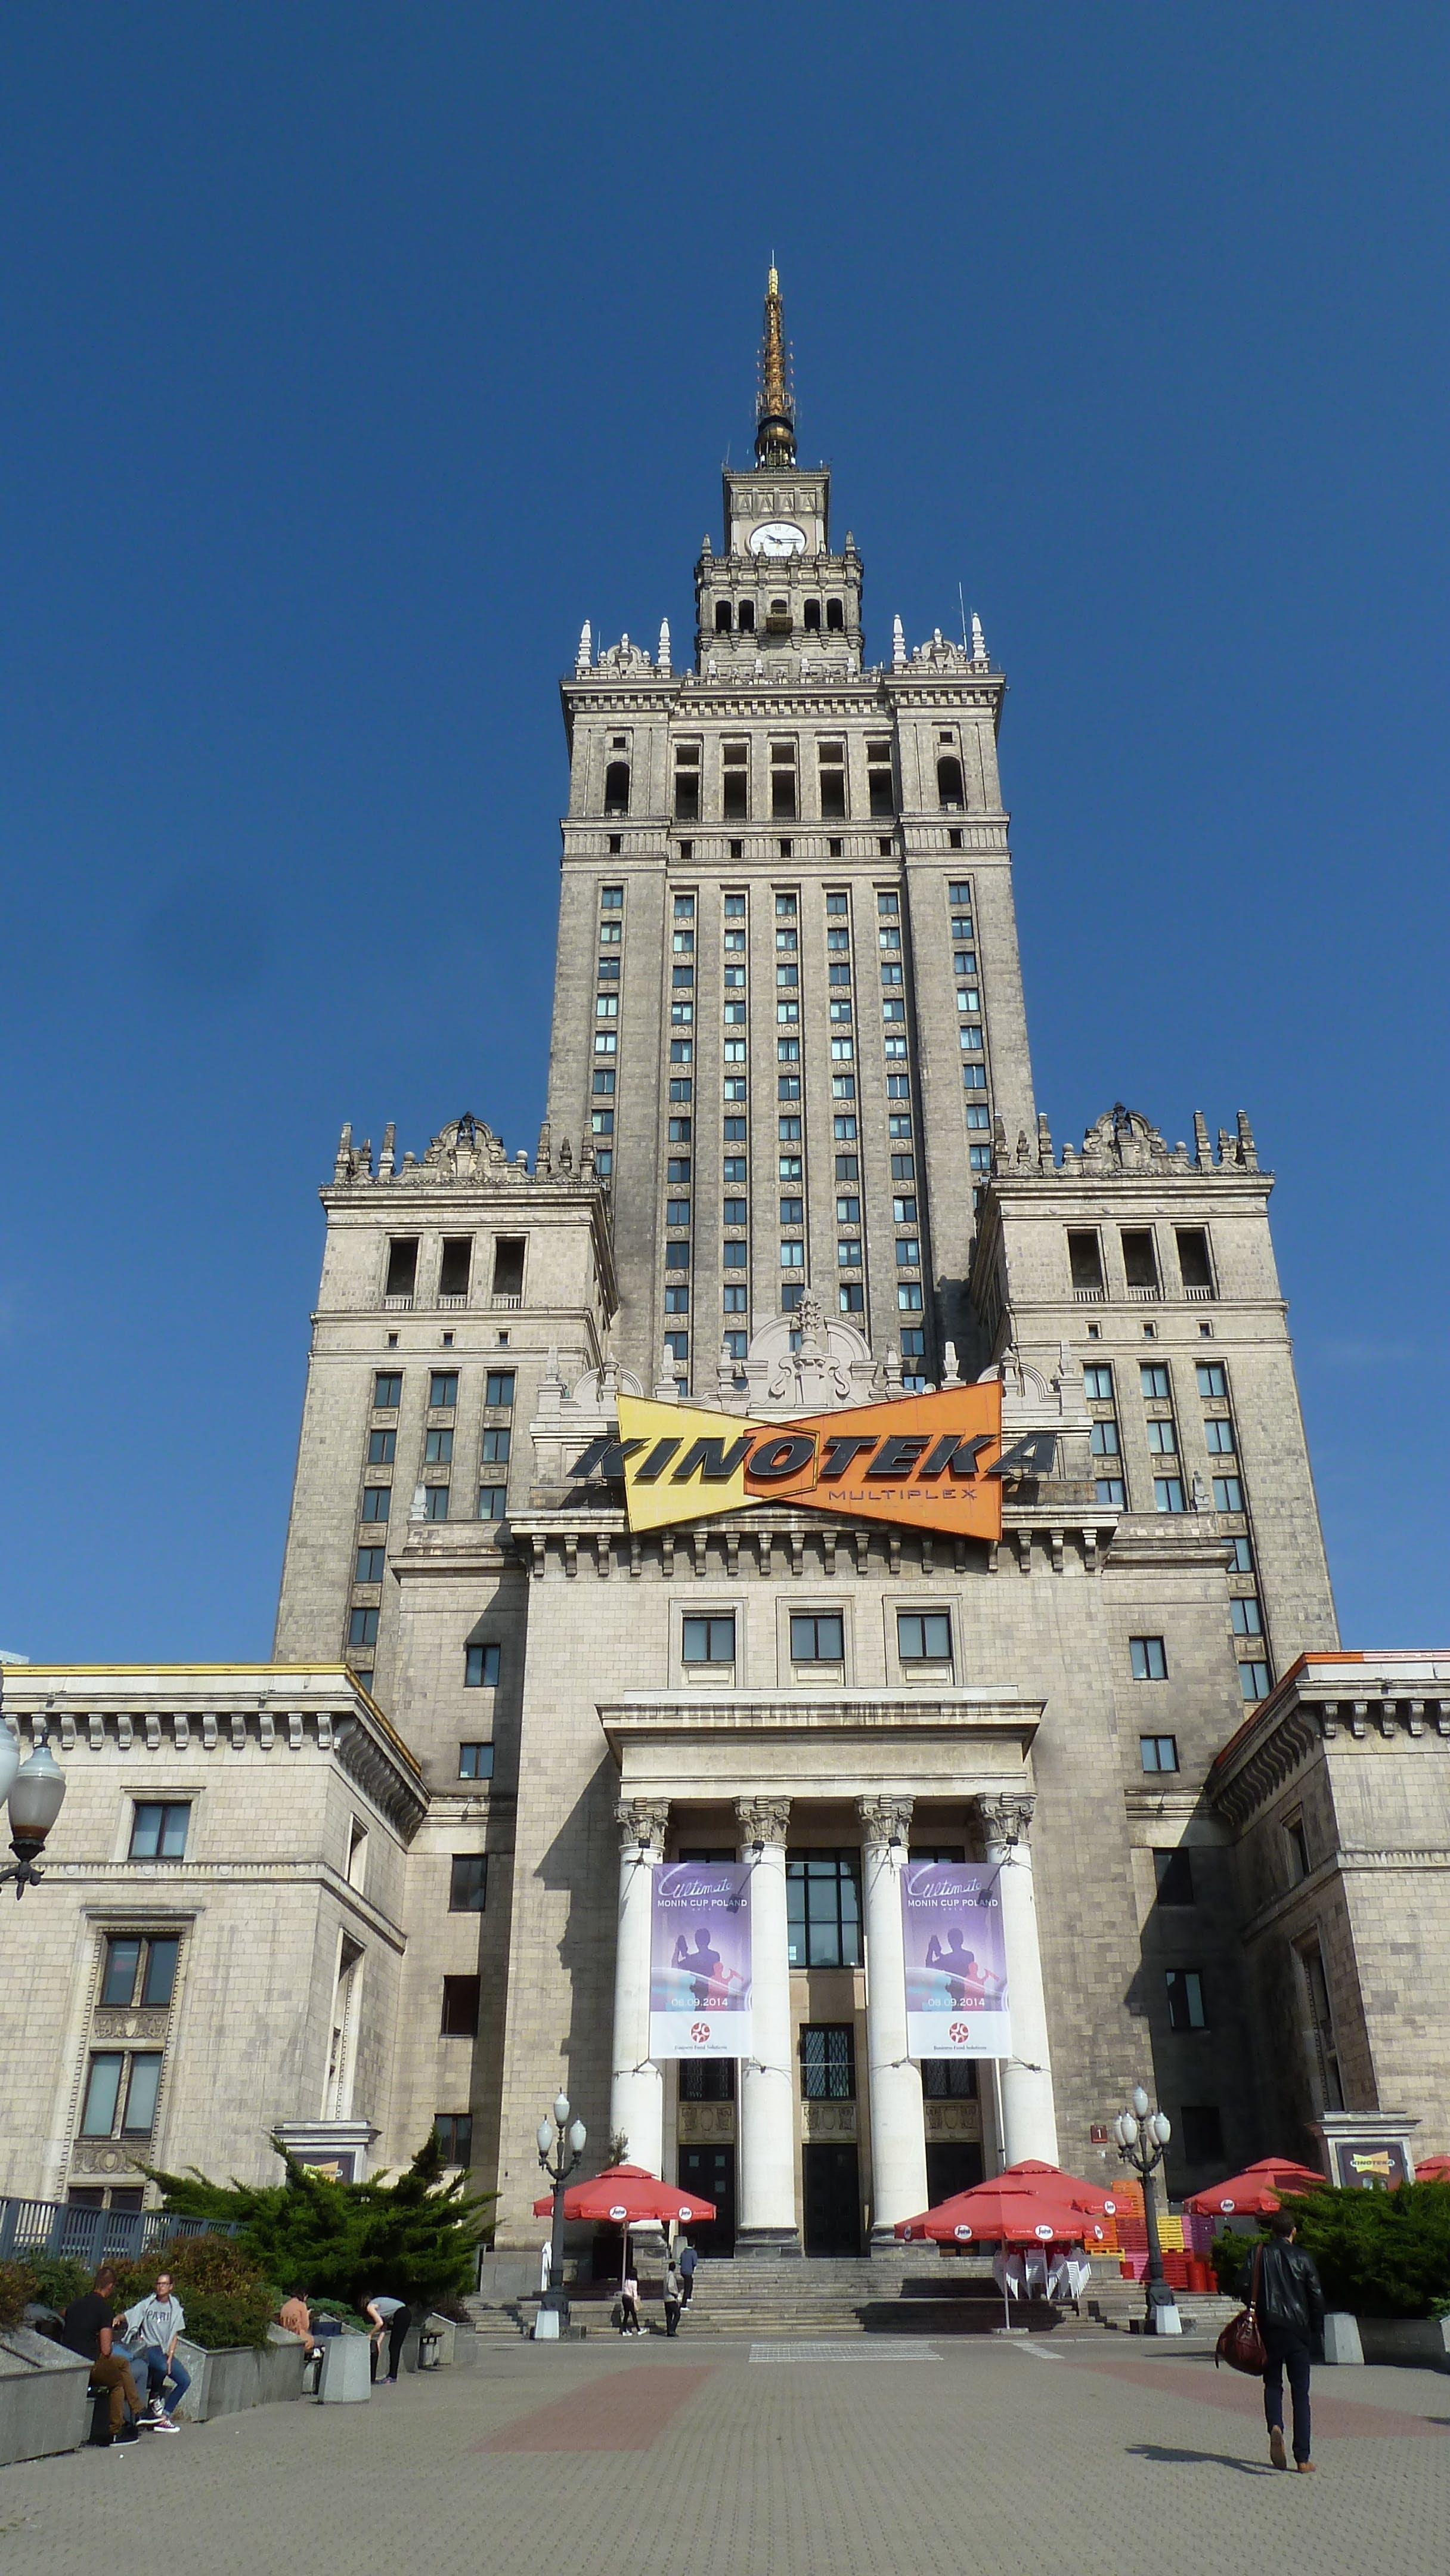 Facade of a City